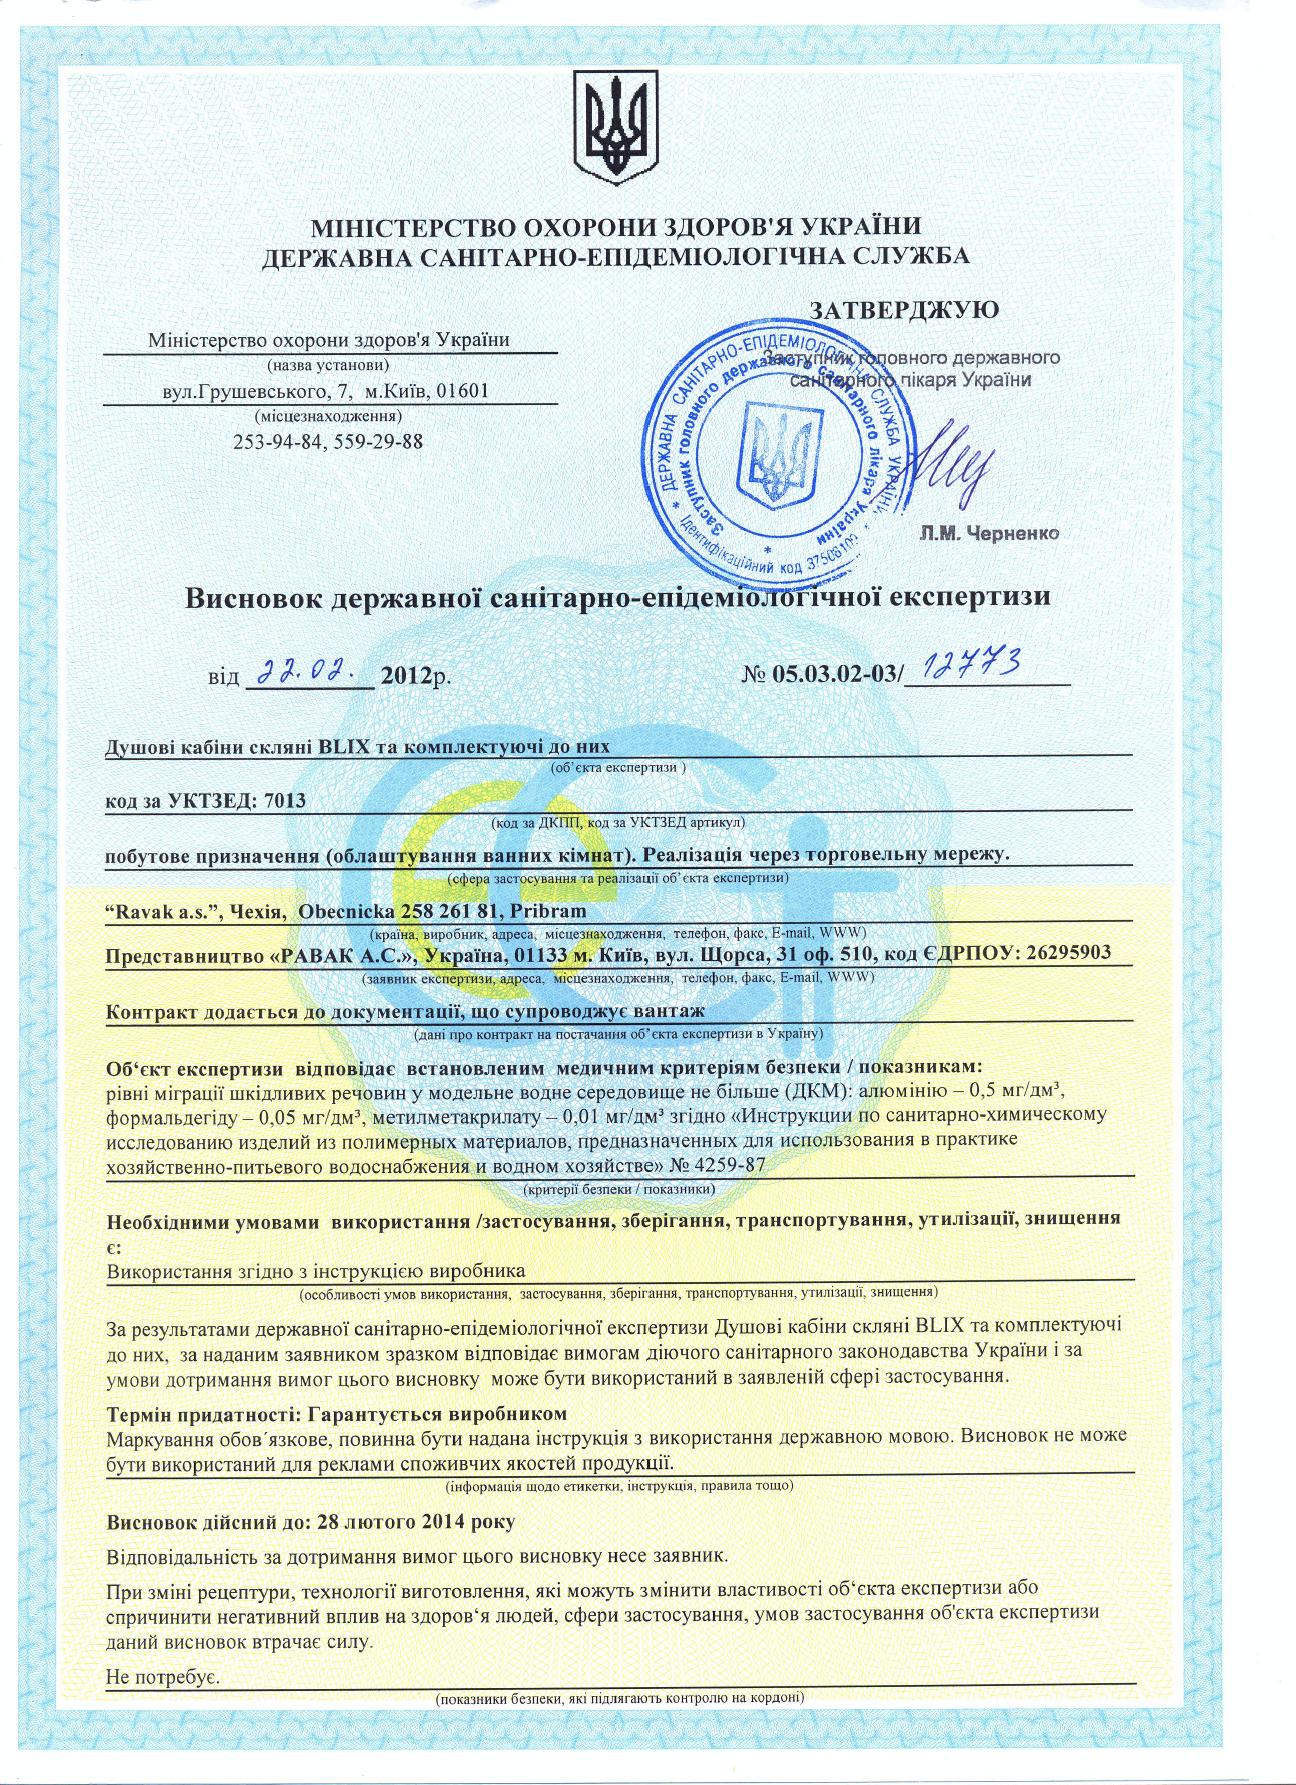 Висновок ДСЕЕ - Вироби зі скла та платику ТМ Ravak